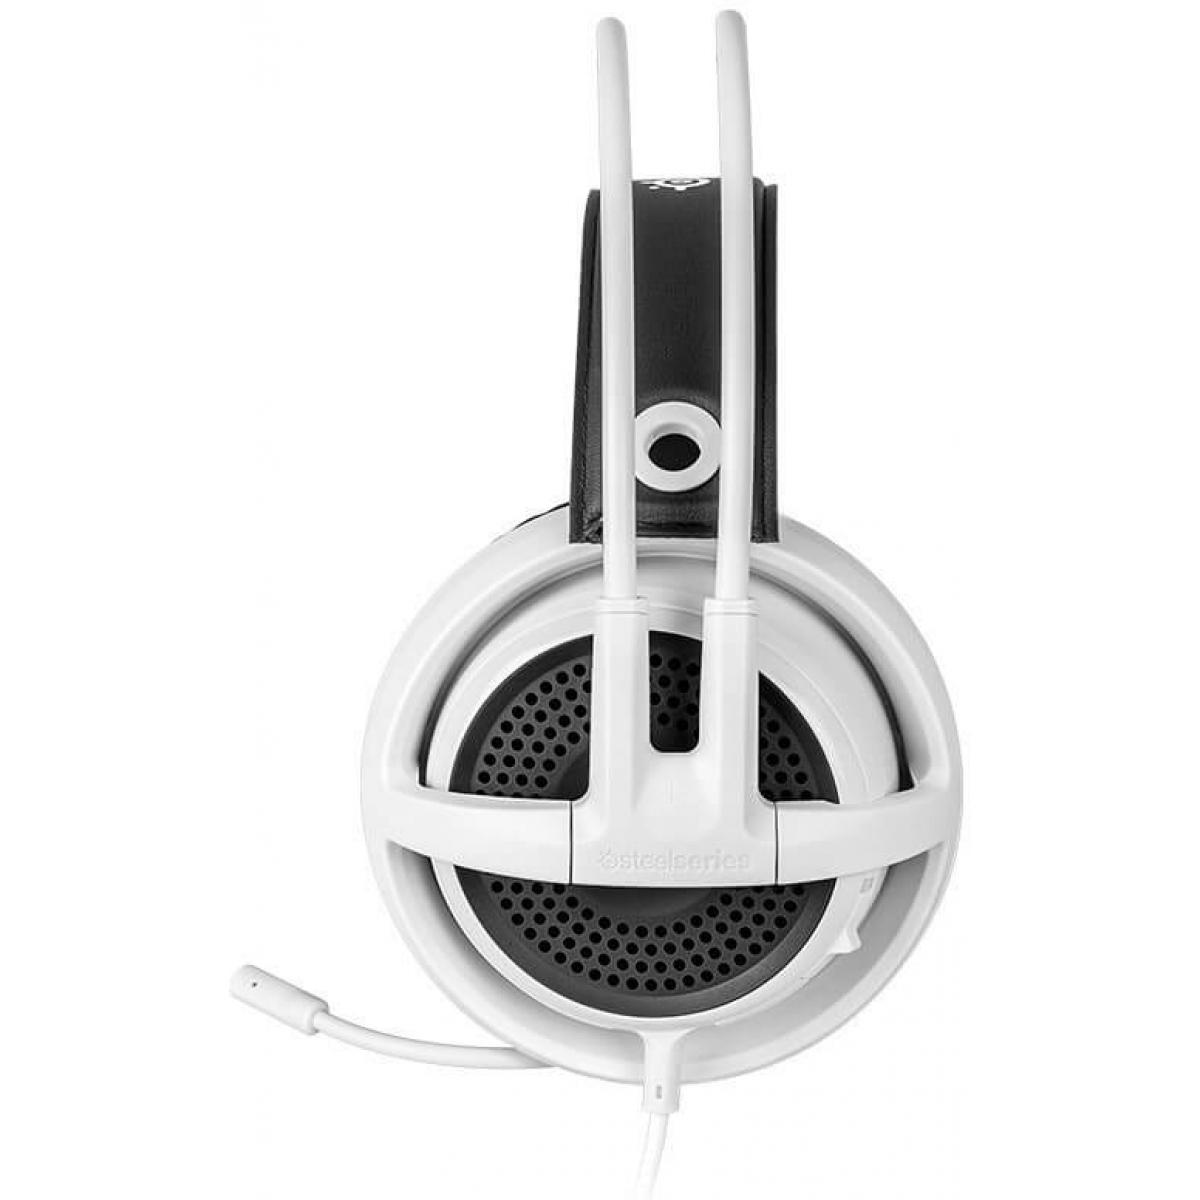 Headset Gamer Steelseries Siberia V3 Dolby 7.1 Branco PC/PS4/MOBILE 61356